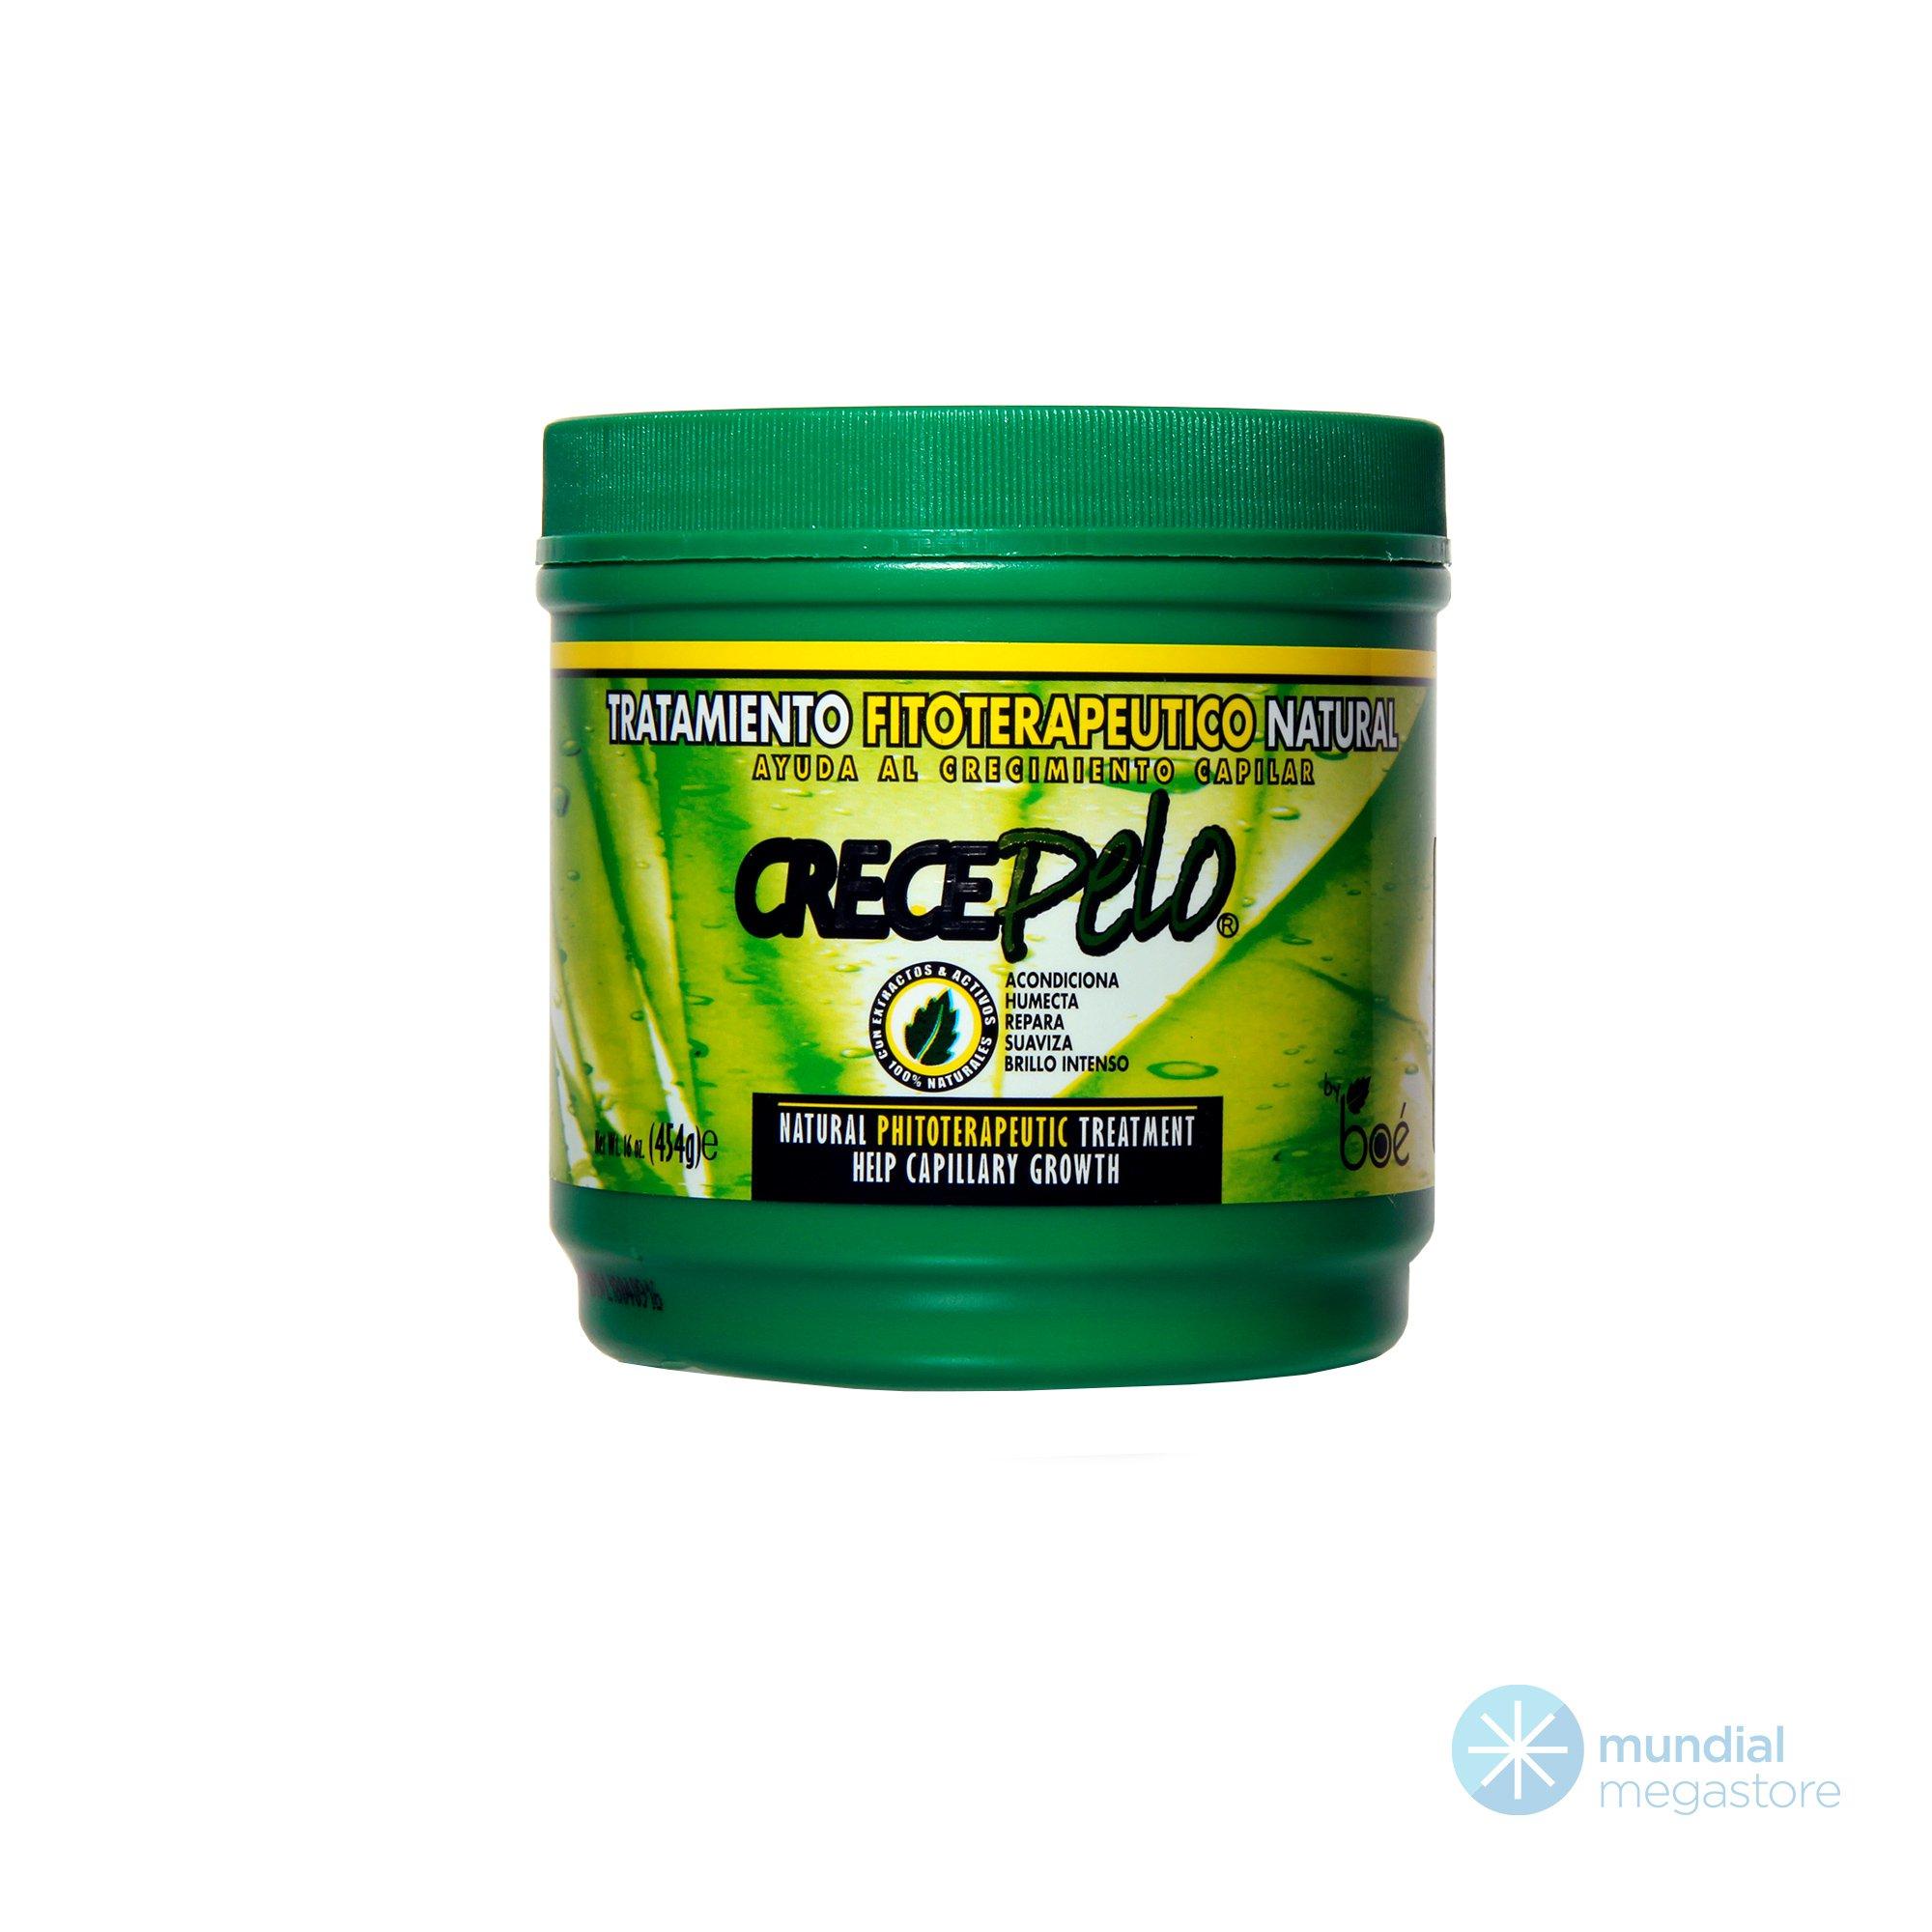 mascara crecepelo fitoterapeutico natural 454gr 33559 2000 196070